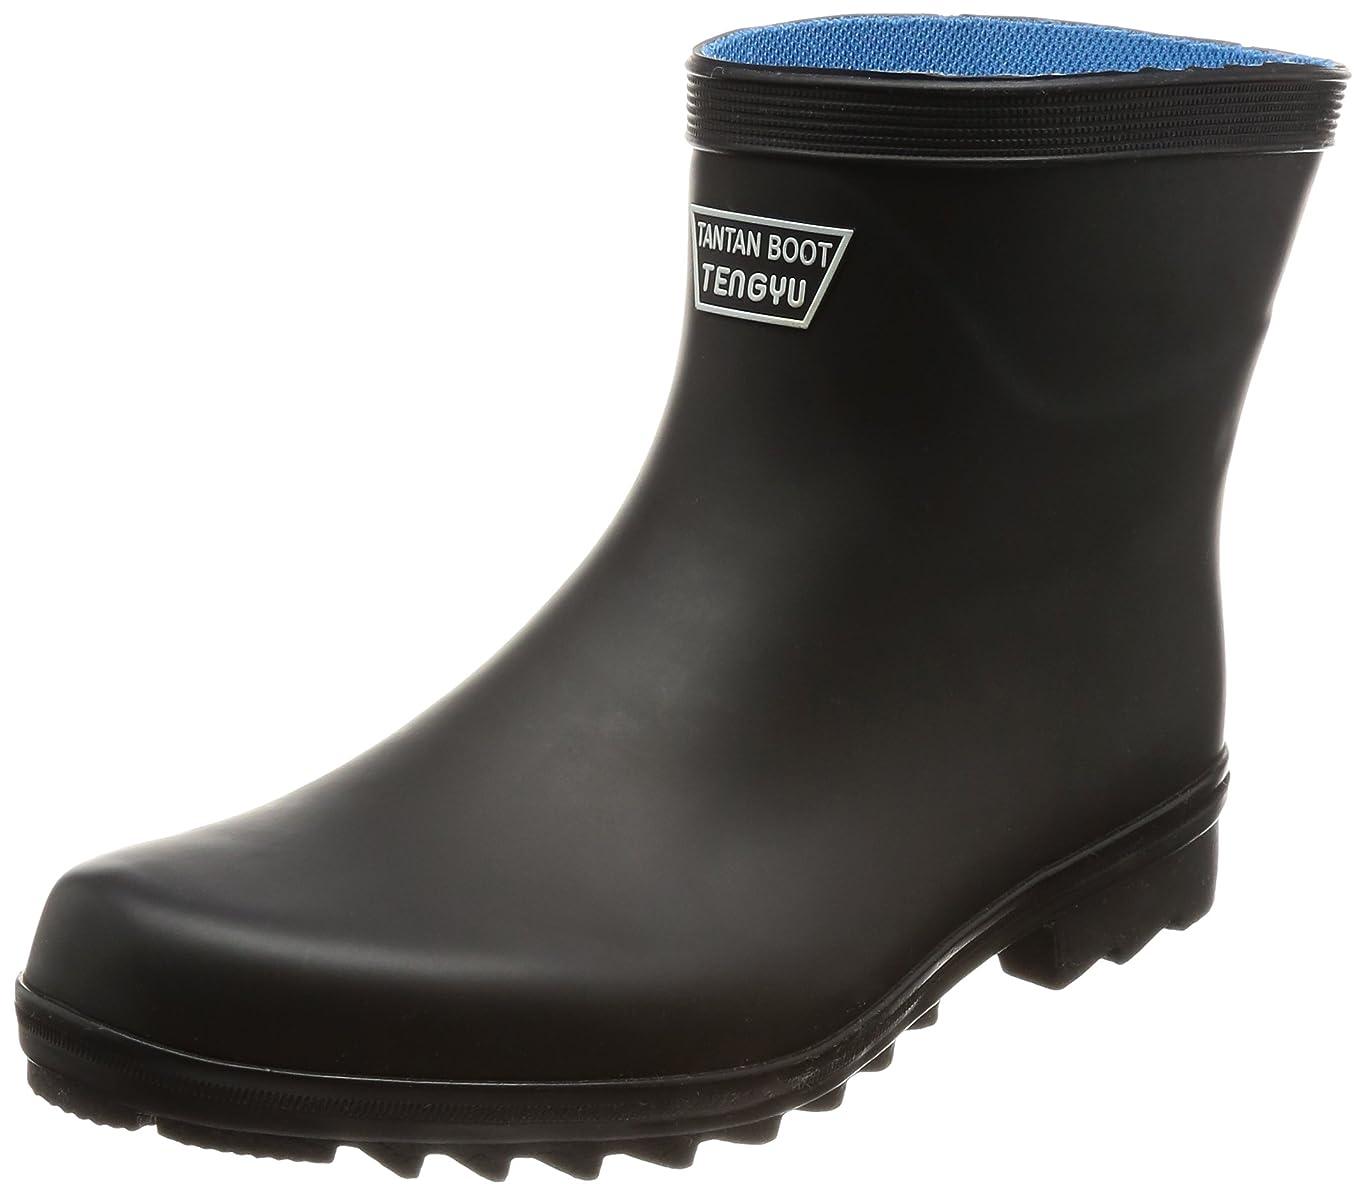 顔料傷つきやすい証書[フジテブクロ] 長靴 作業靴 レインシューズ たんたんブーツ ショート 3E 9962 メンズ BLACK